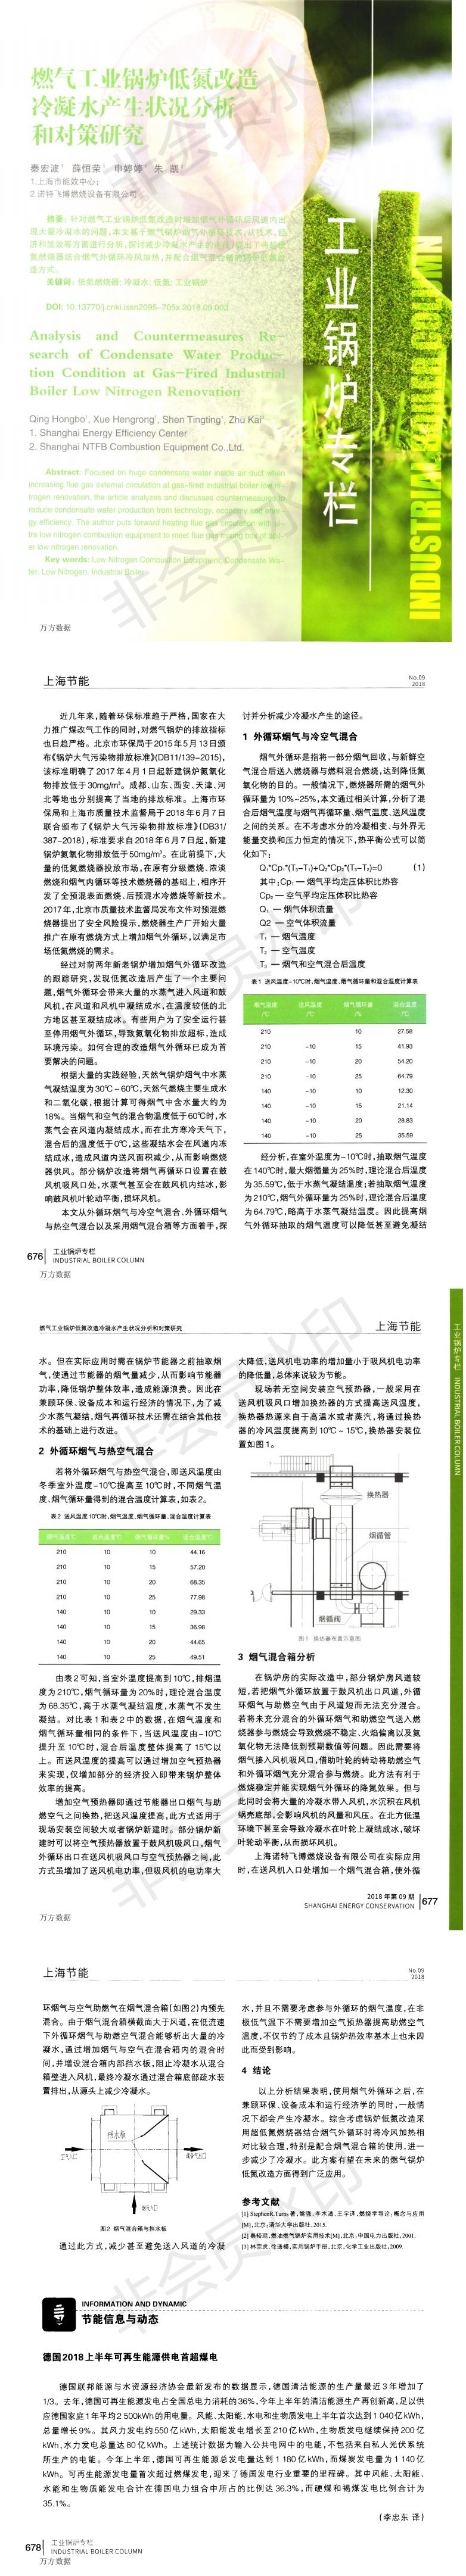 燃气工业锅炉低氮改造冷凝水产生状况分析和对策研究_0.png